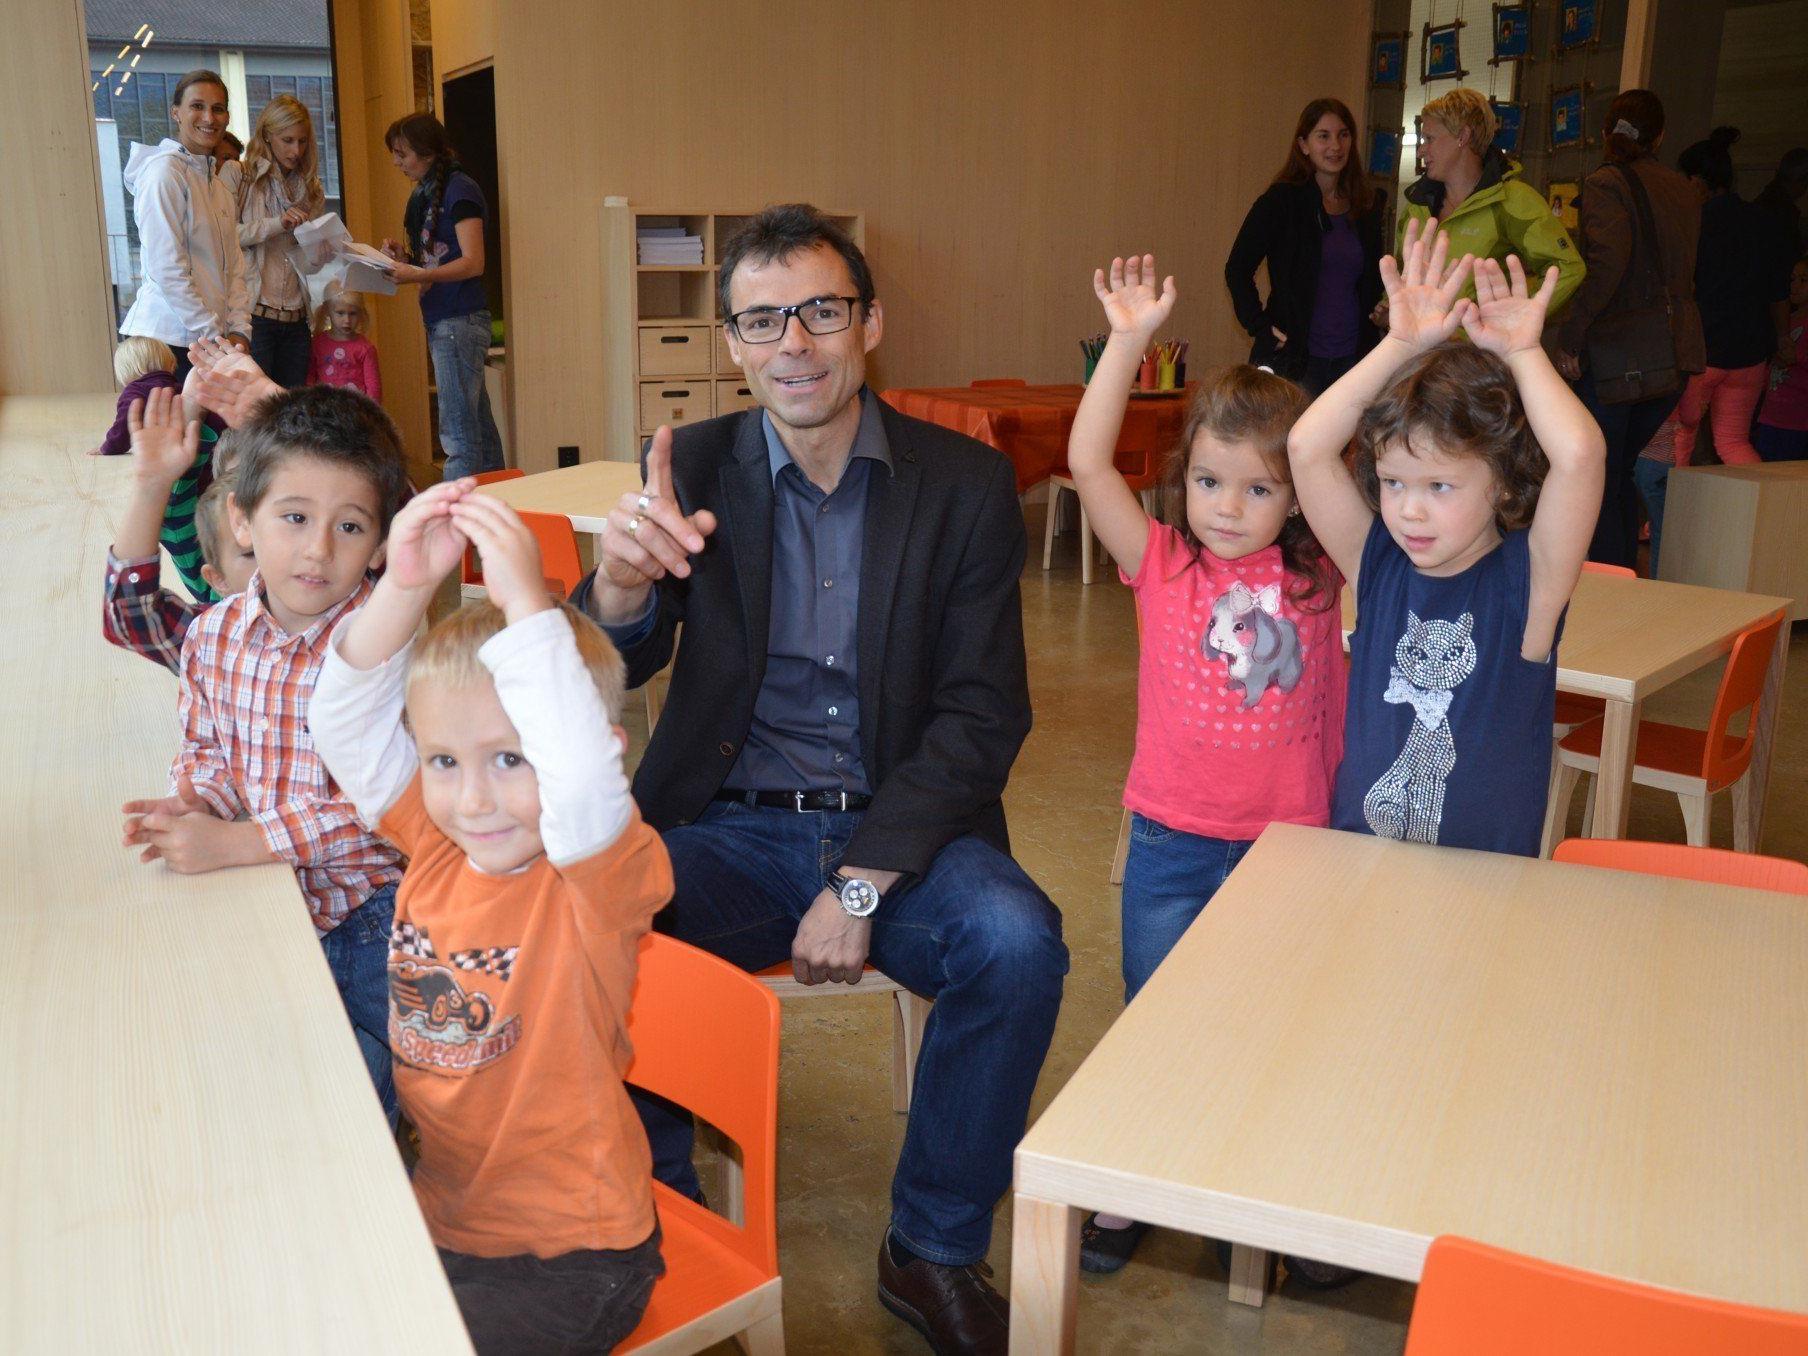 Bürgermeister Kilian Tschabrun inmitten von begeisterten Kindern.